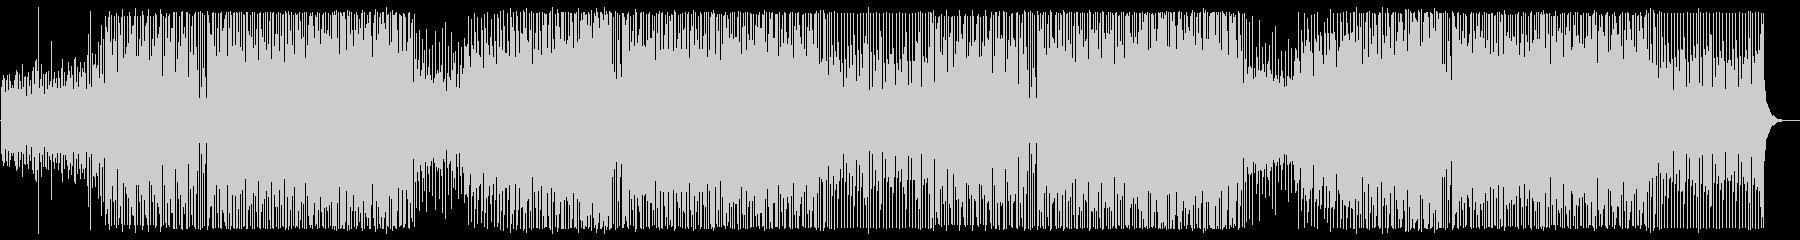 ダンサブルなエレクトロミュージックの未再生の波形